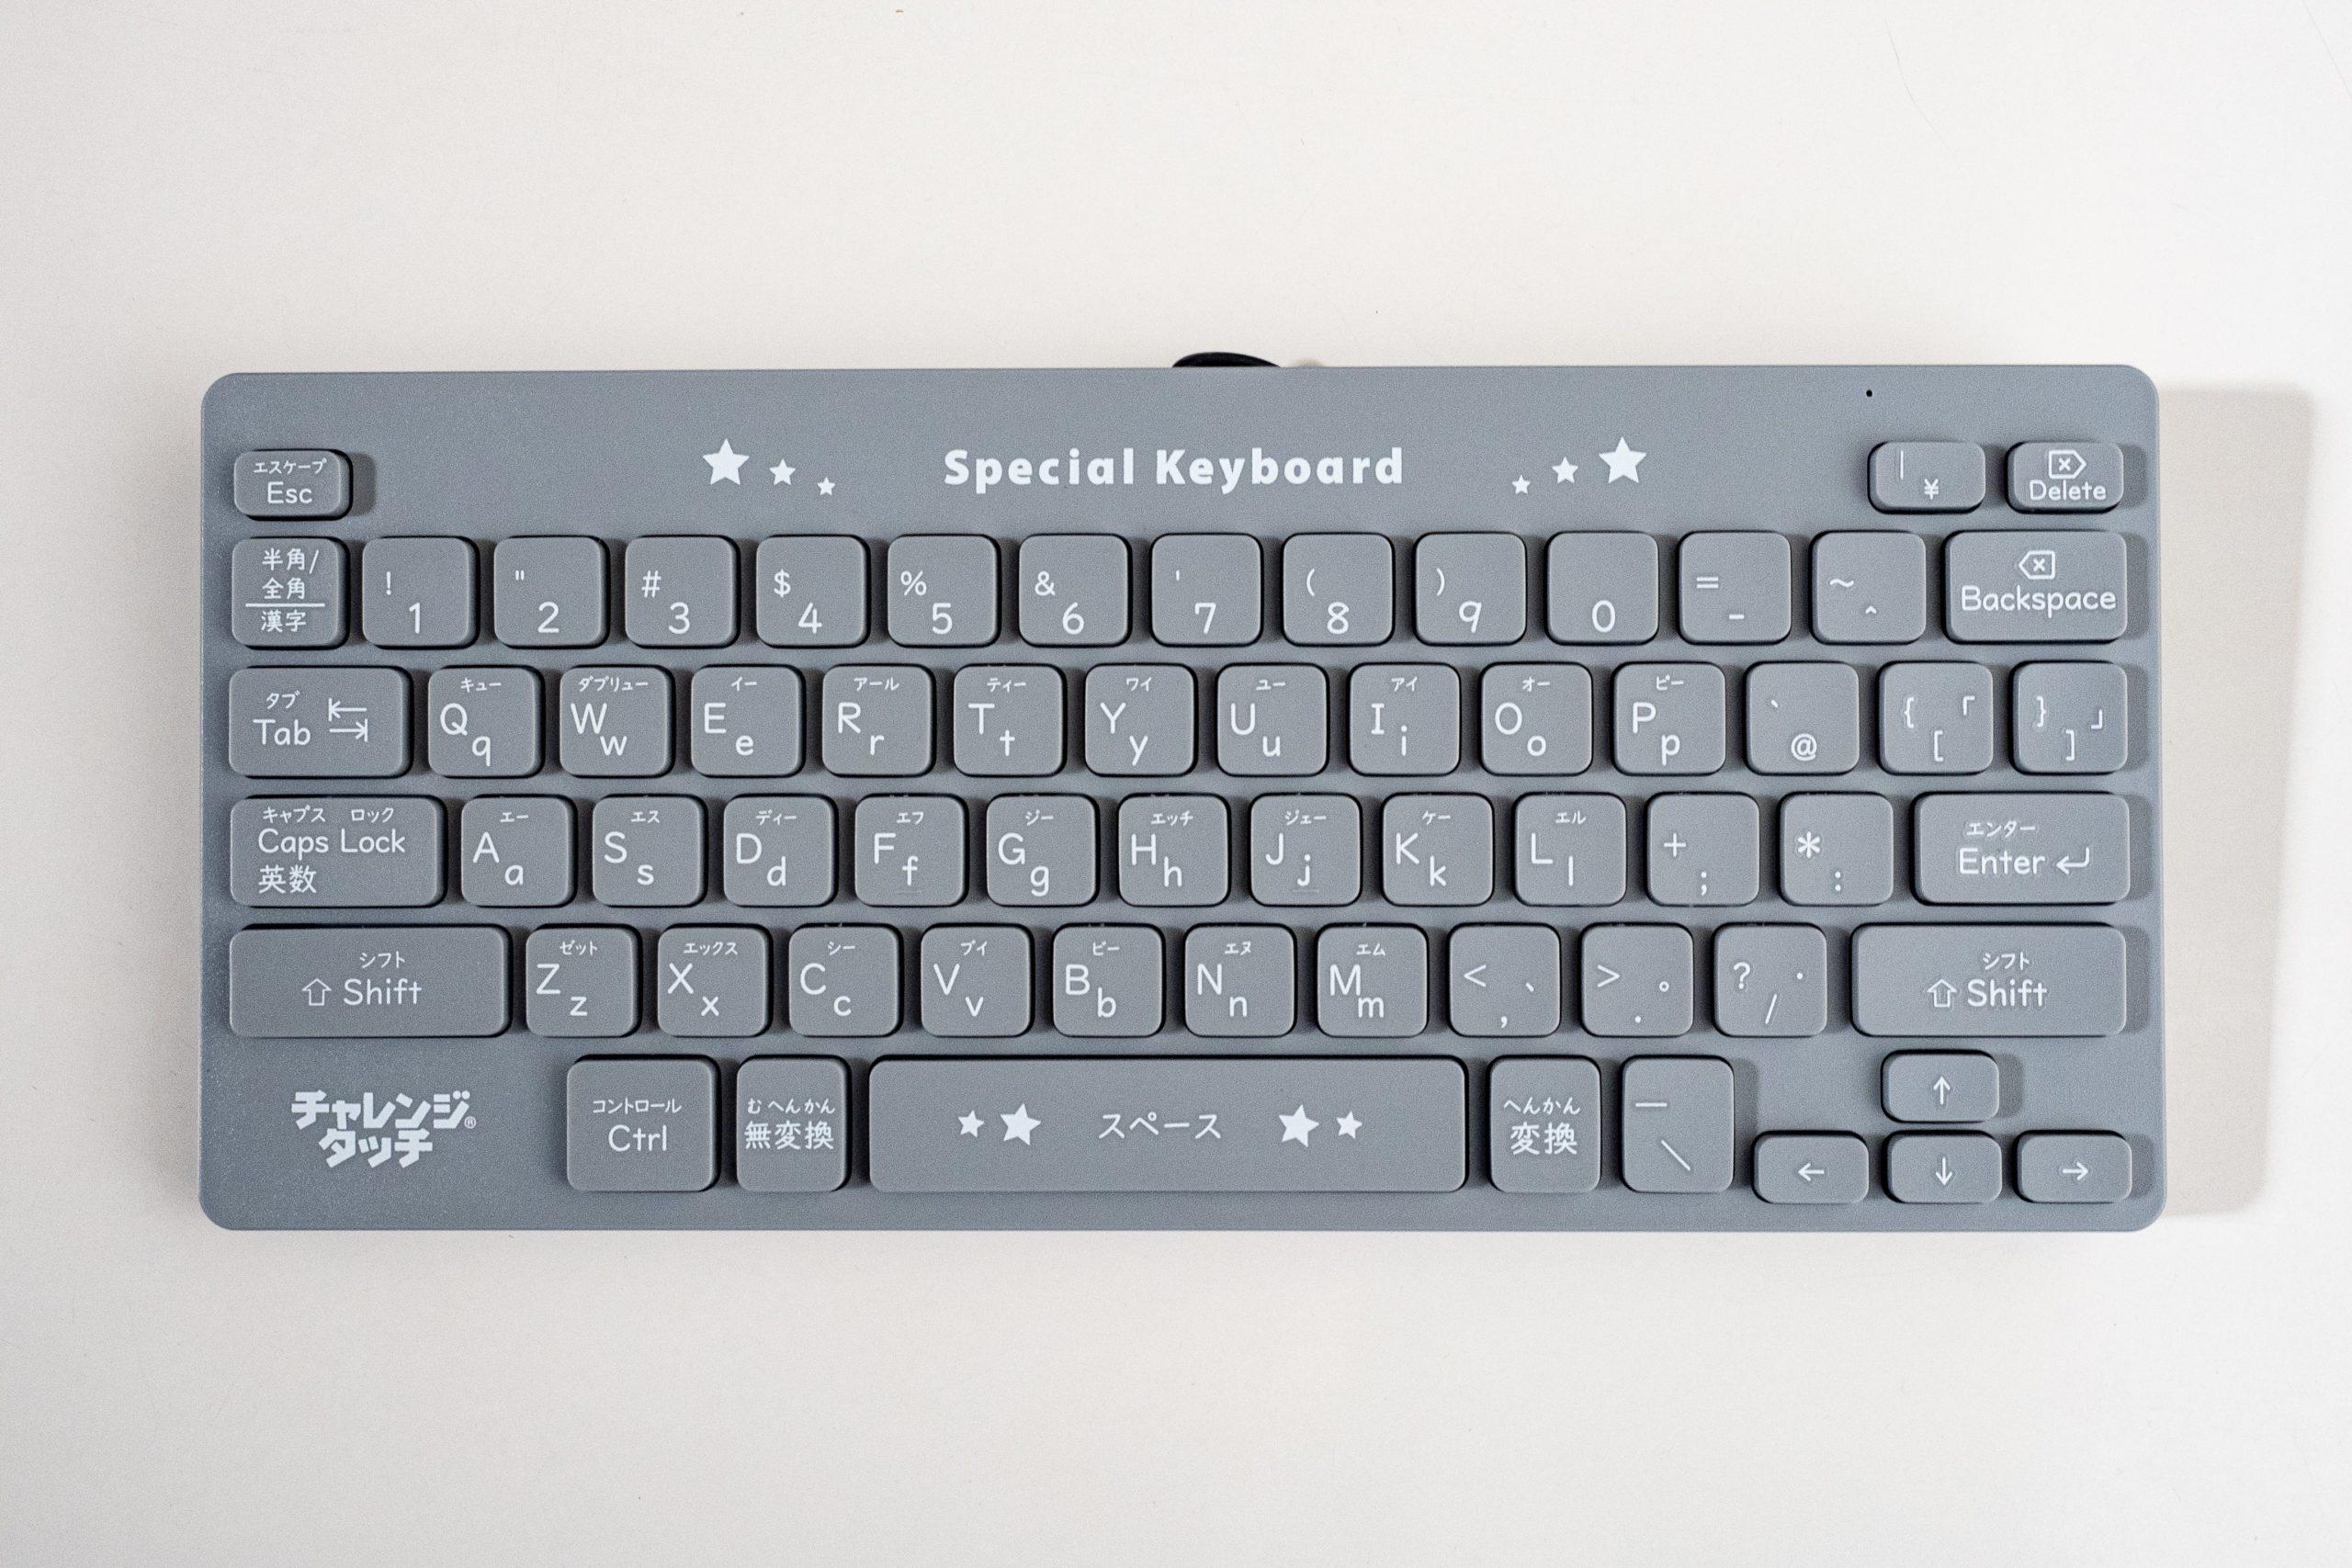 6年生付録のキーボード